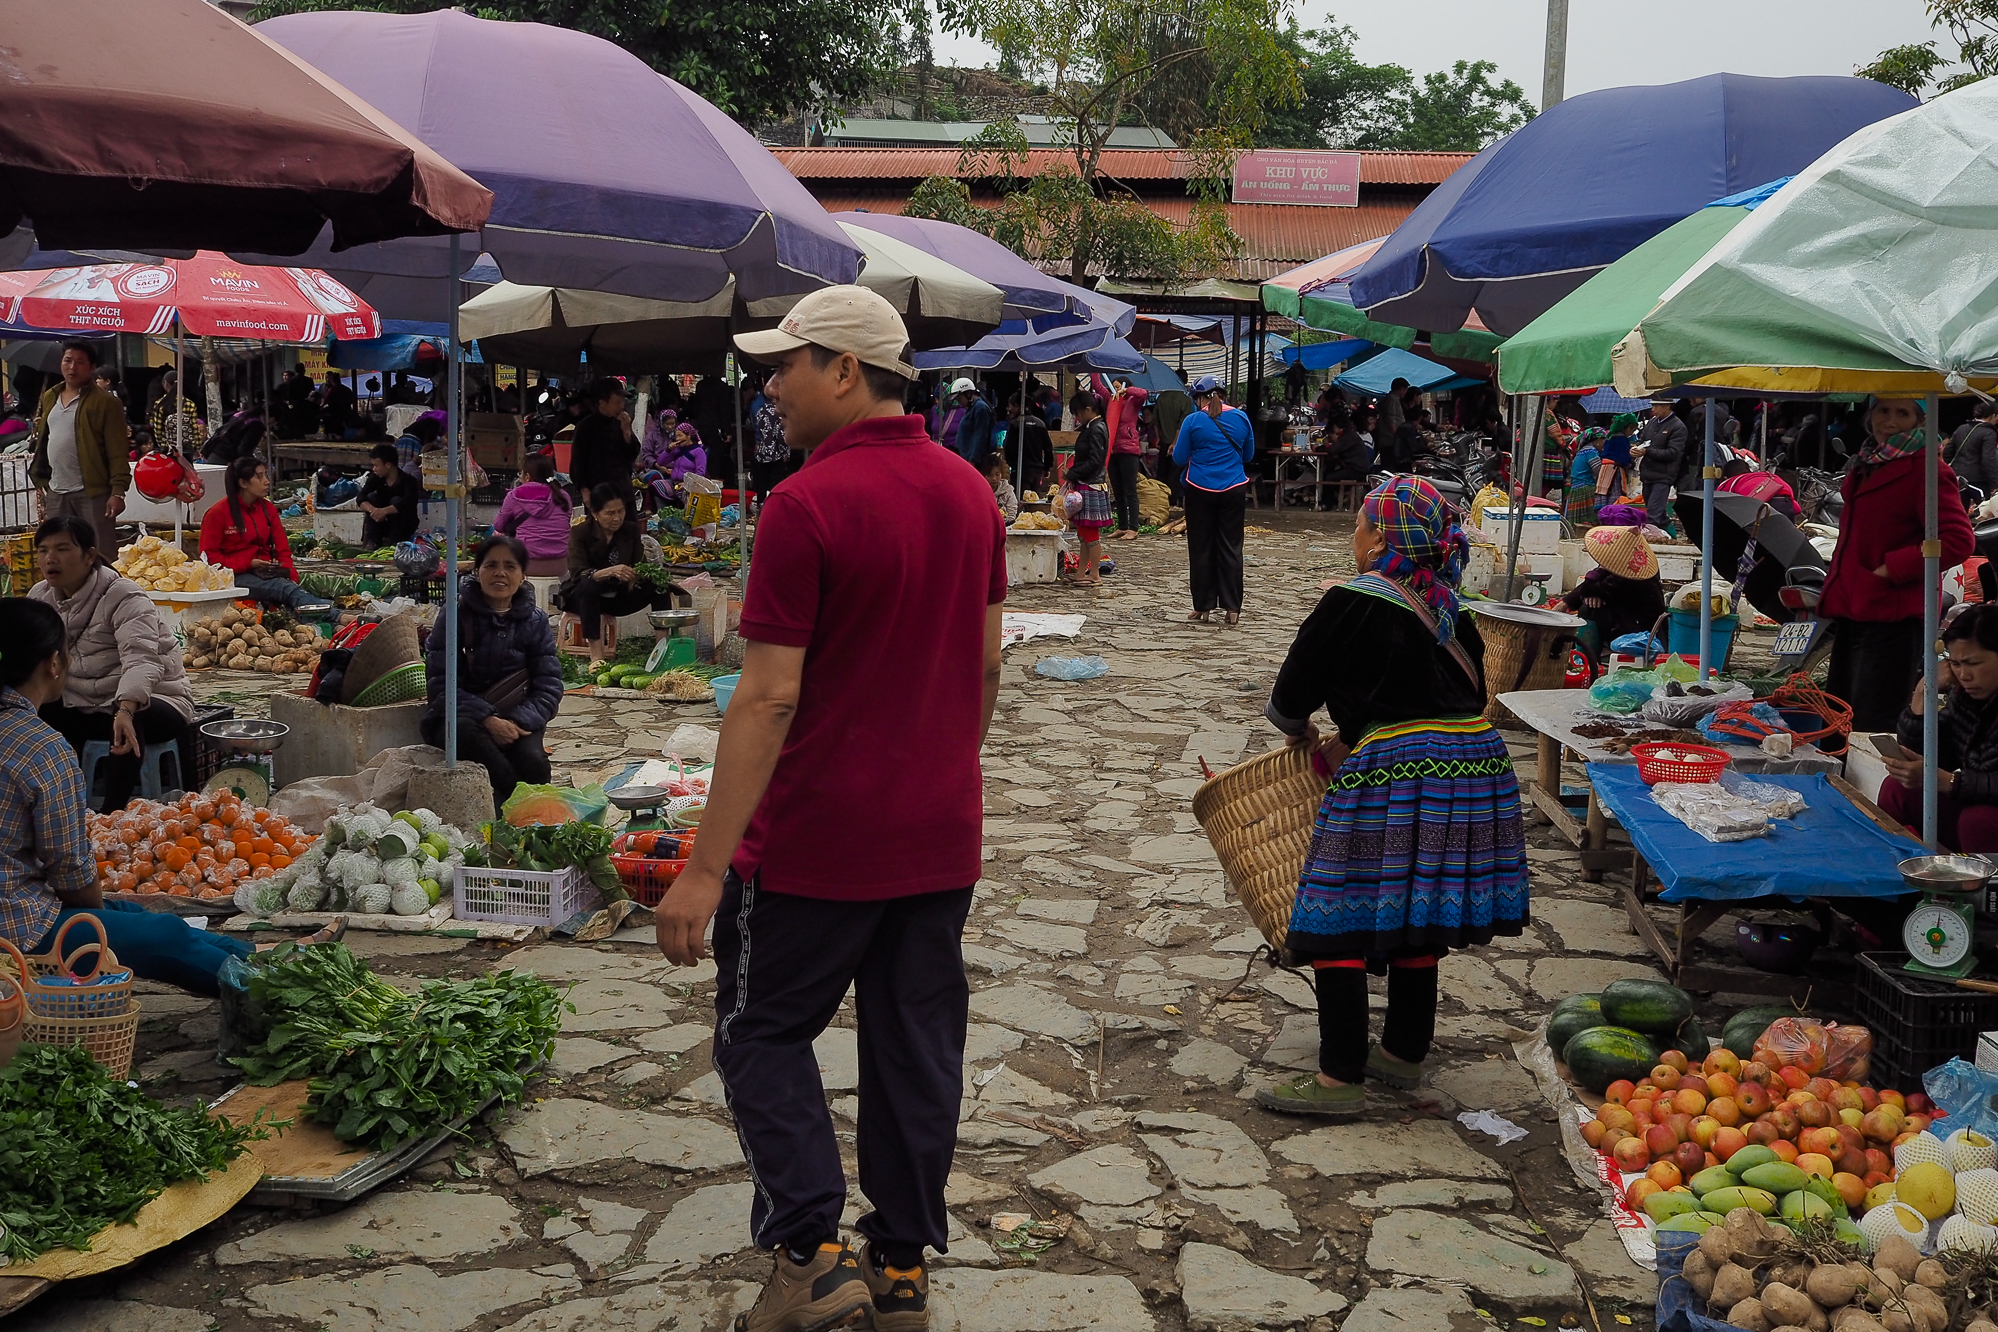 visiter Bao lac marché nord vietnam